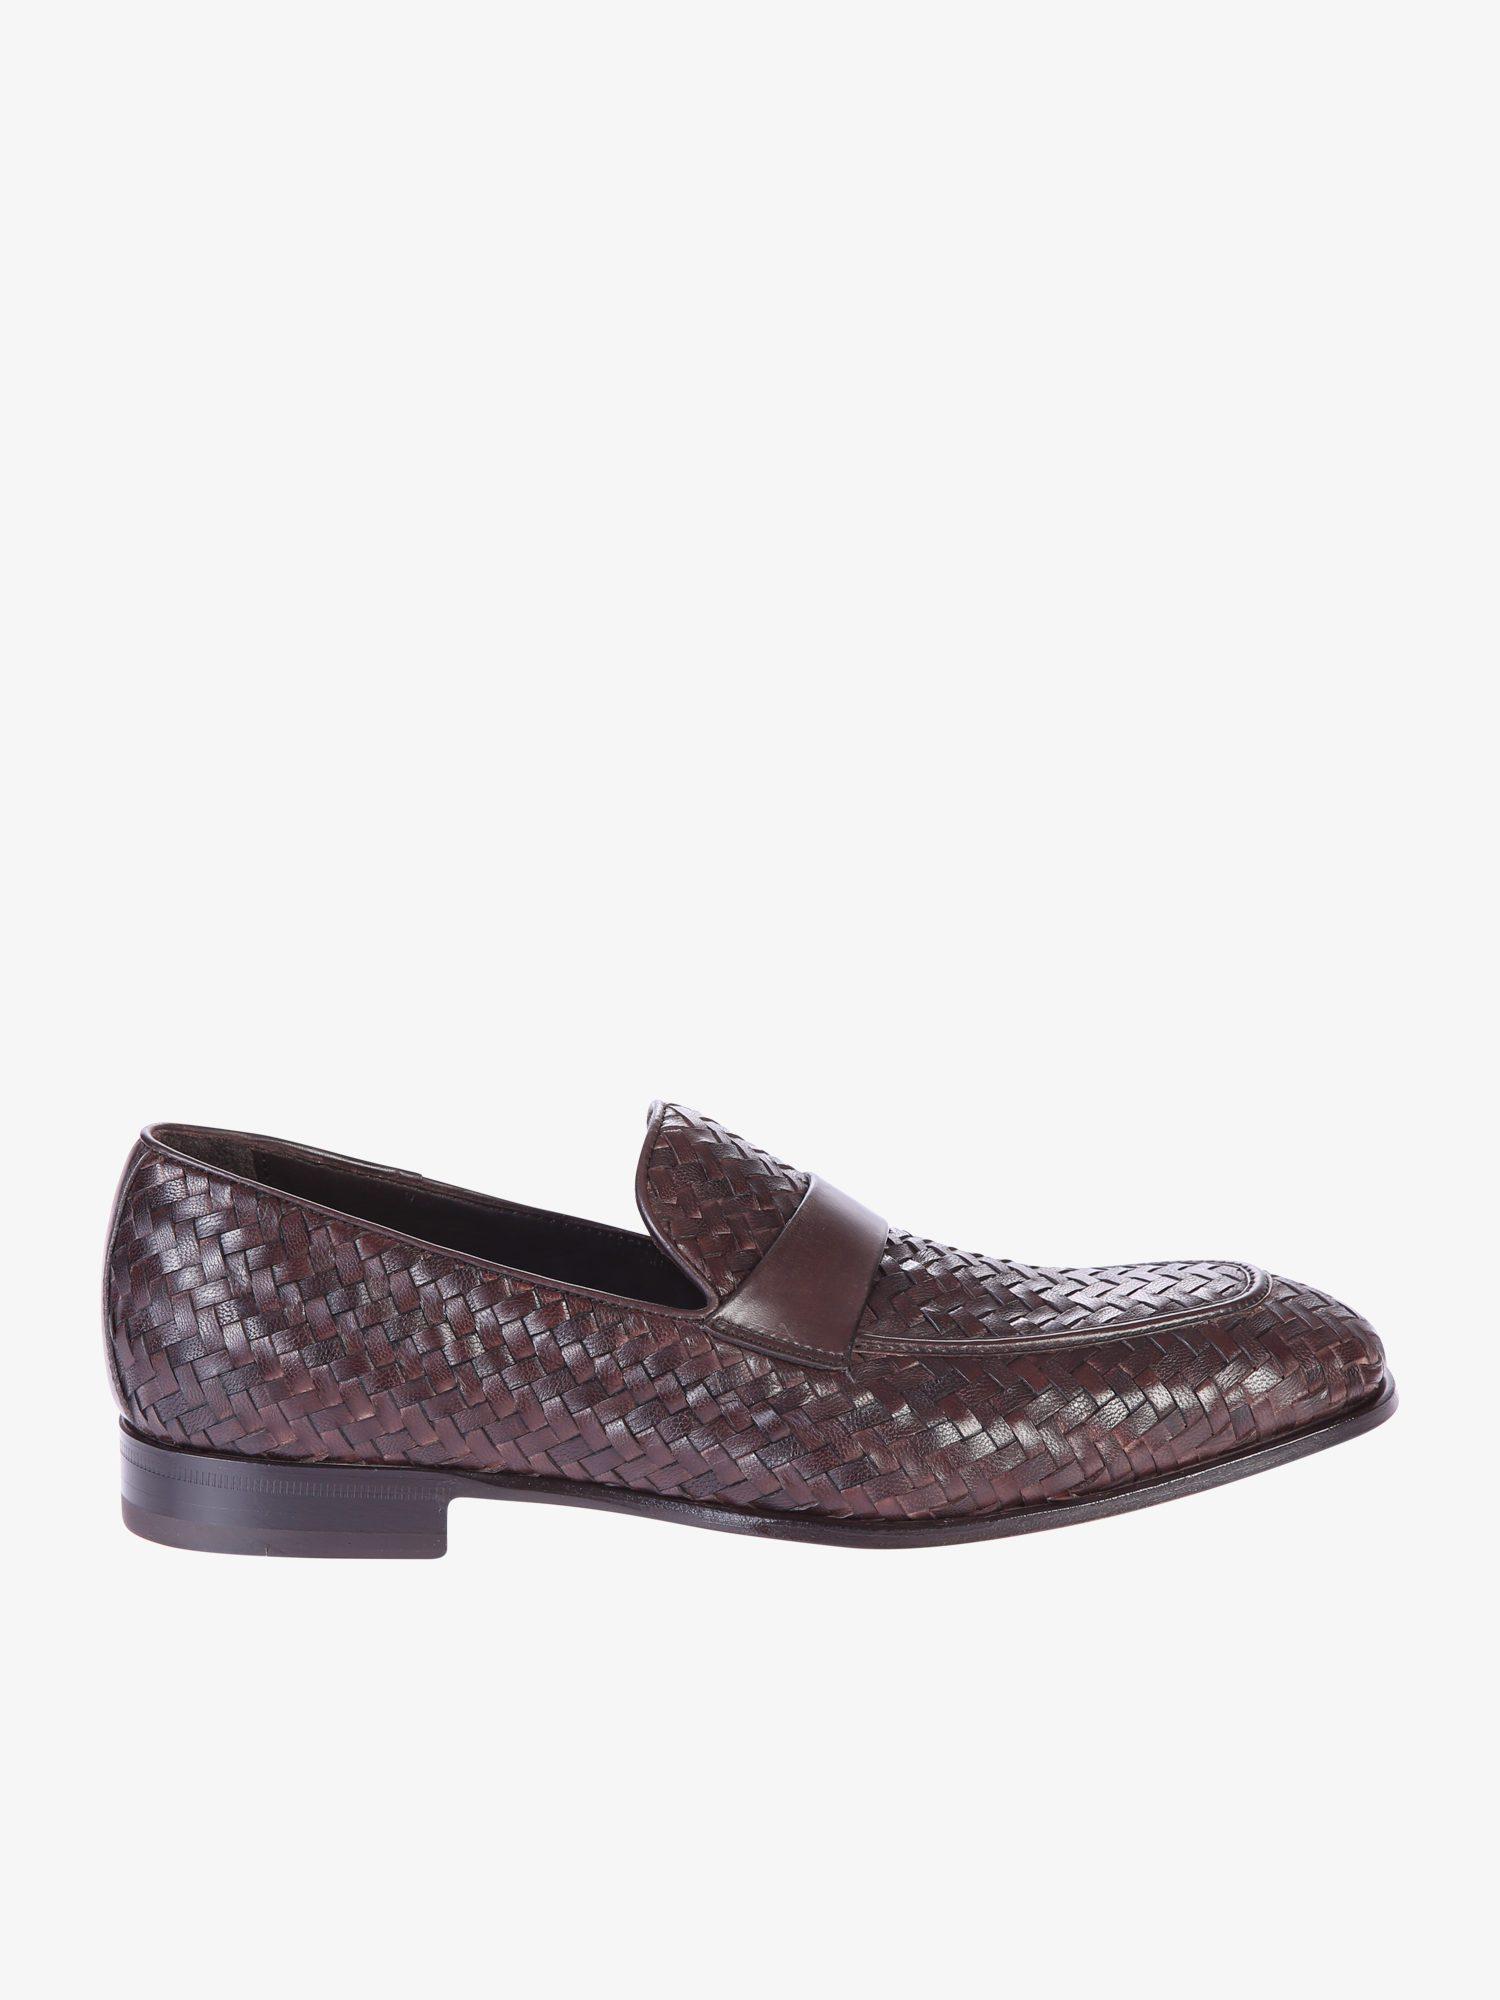 woven loafers - Blue Dell'Oglio csOO9SpLE